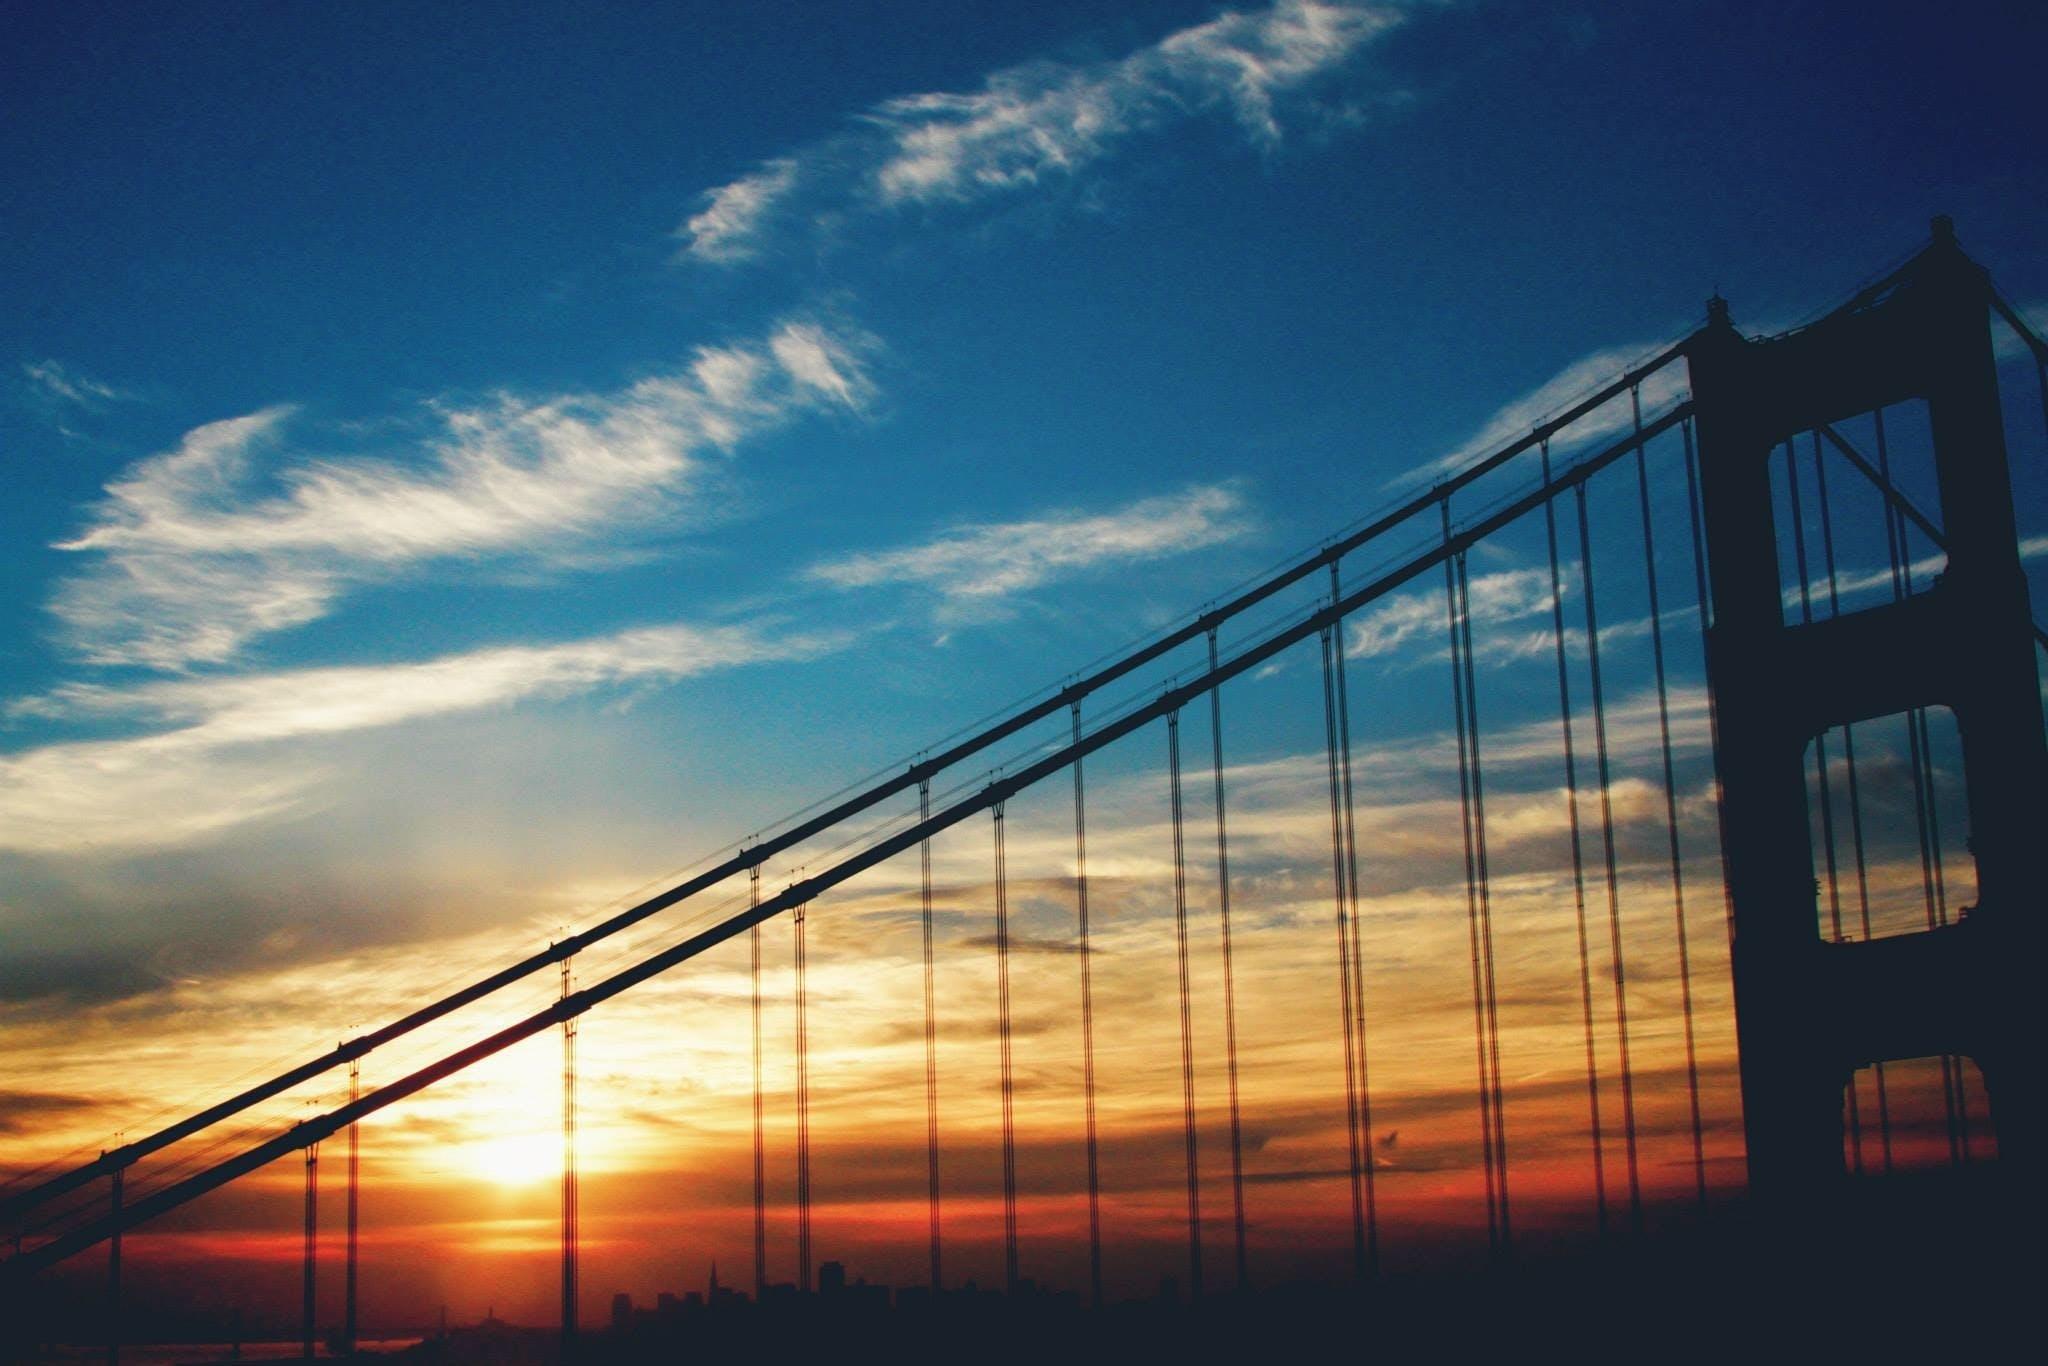 Golden Gate Bridge Under Blue Skies during Sunset